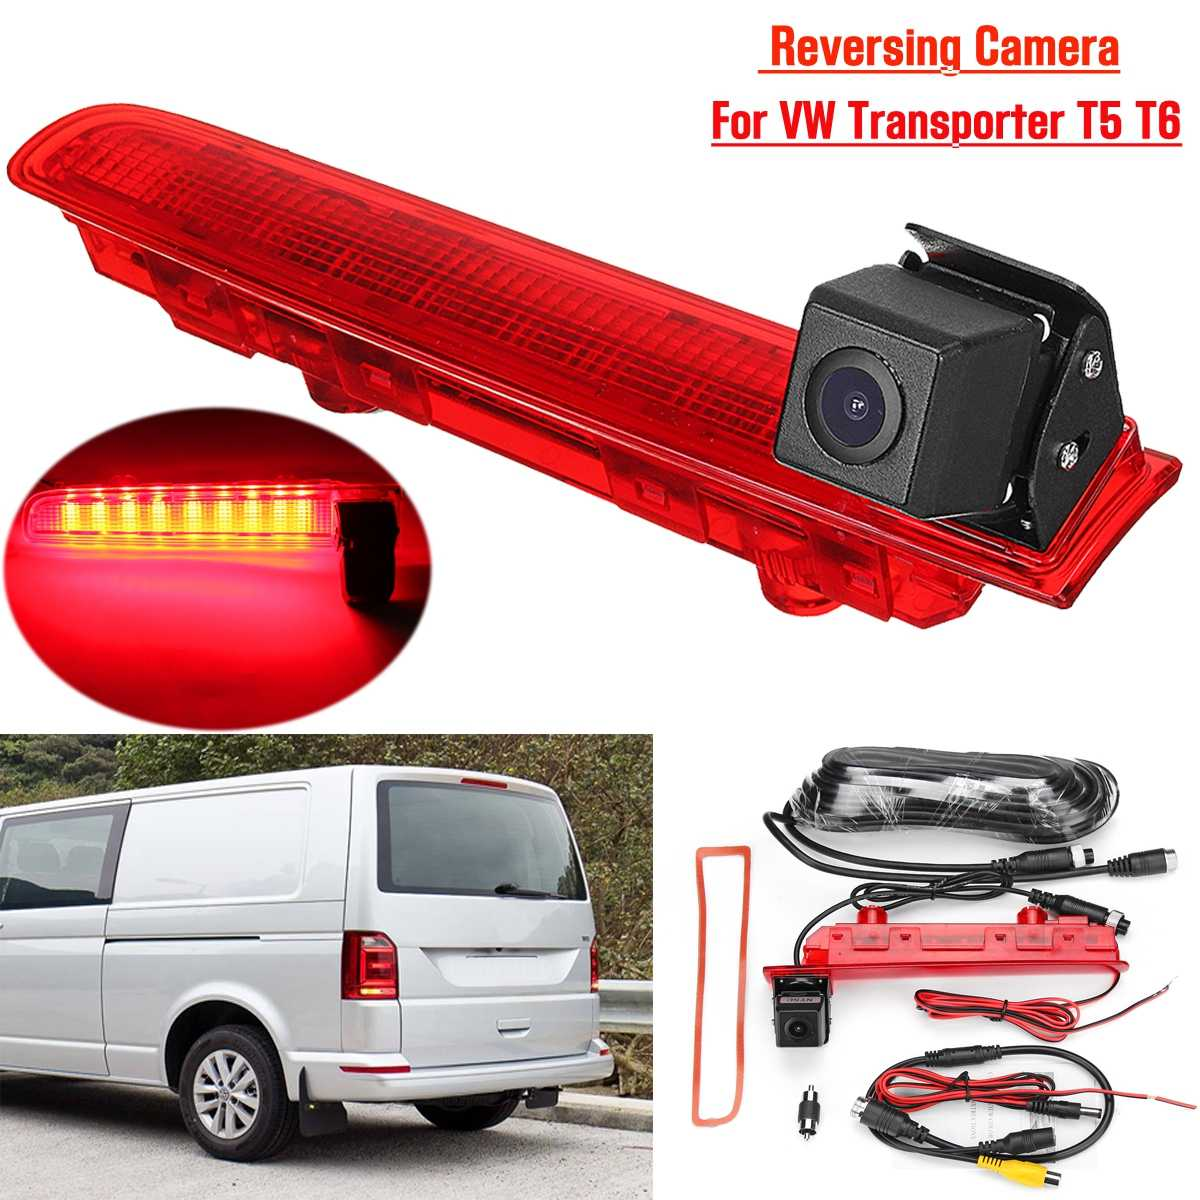 Caméra de recul 170 ° assistance au stationnement Autokamera Universel par exemple pour vw t3 t4 Camper